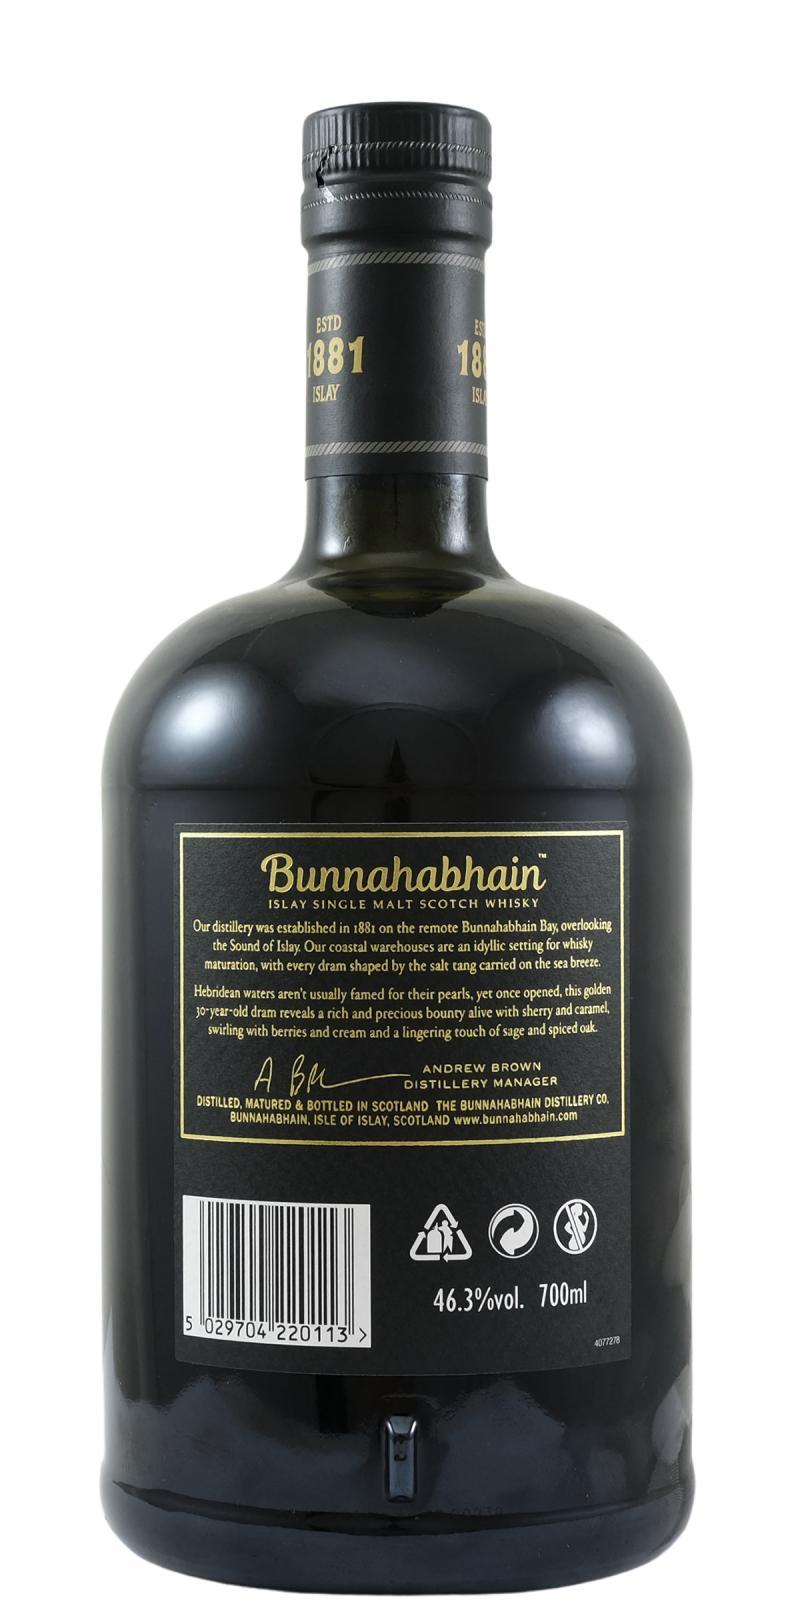 Bunnahabhain 30-year-old